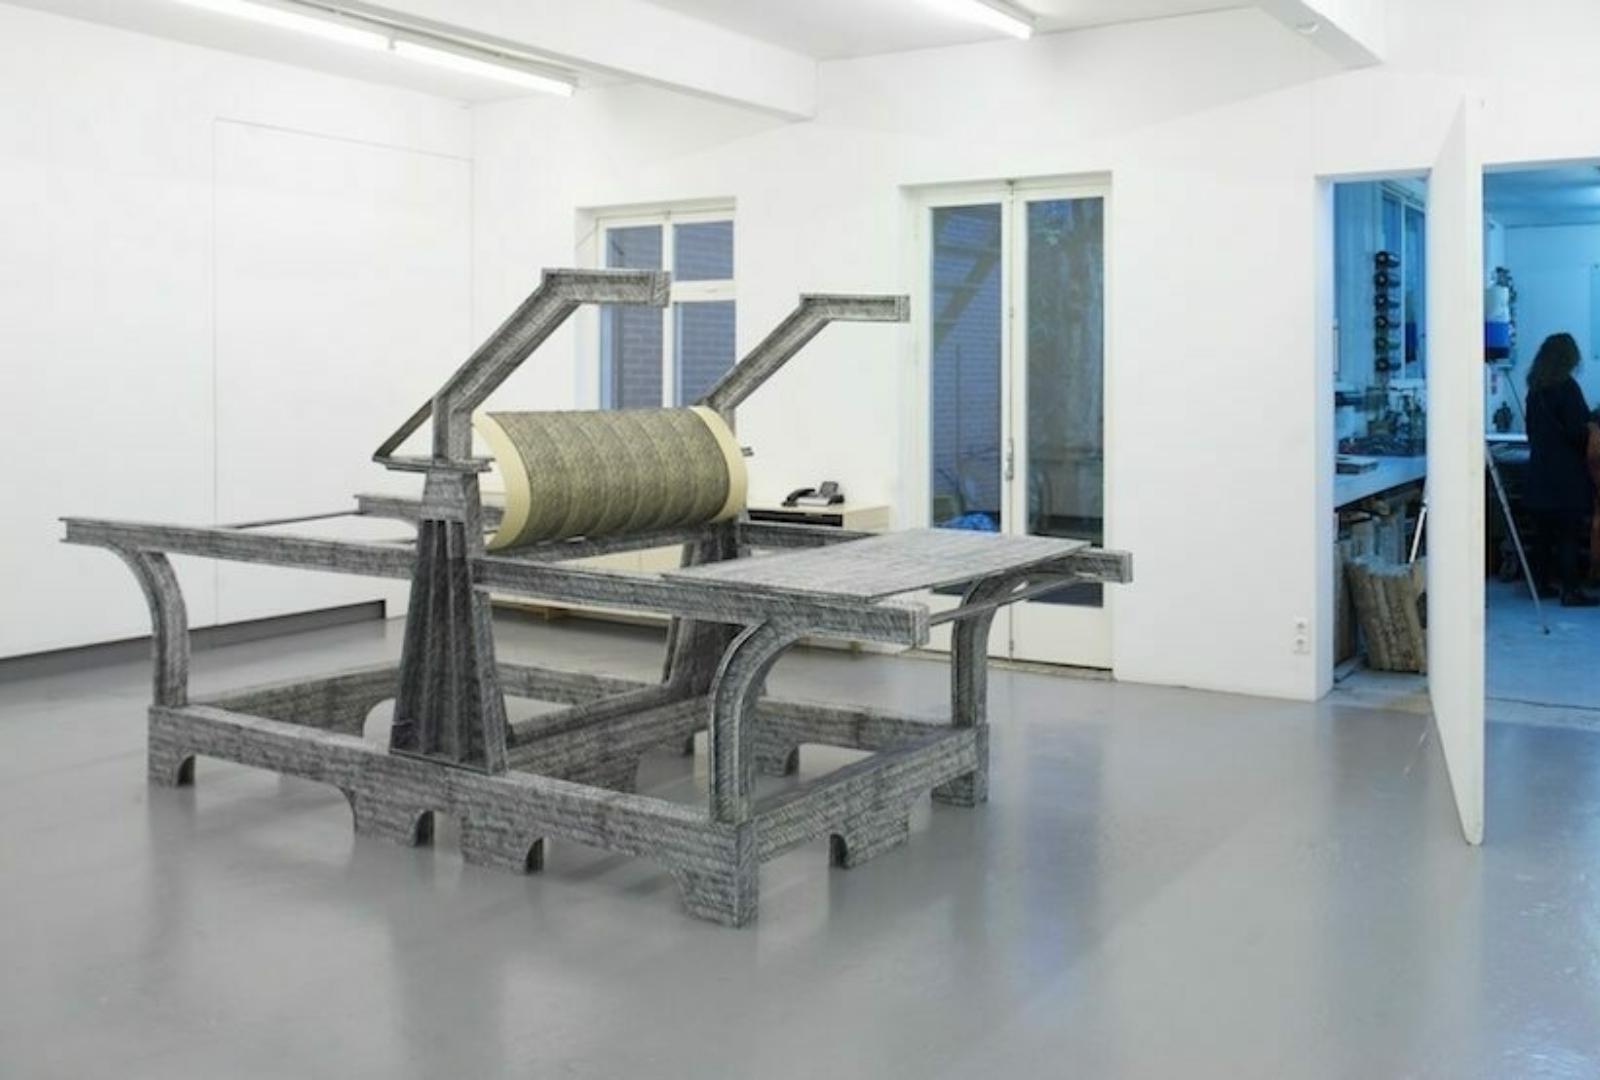 Paper weight Maze de Boer 13